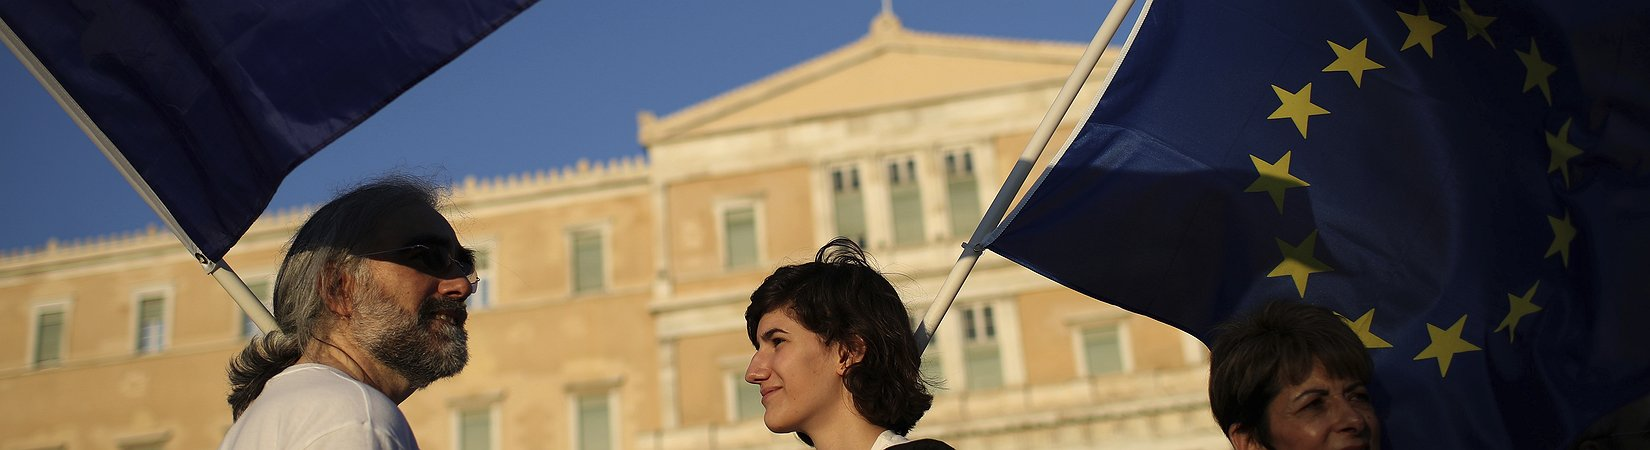 El FMI dará 1.800 millones de dólares a Grecia